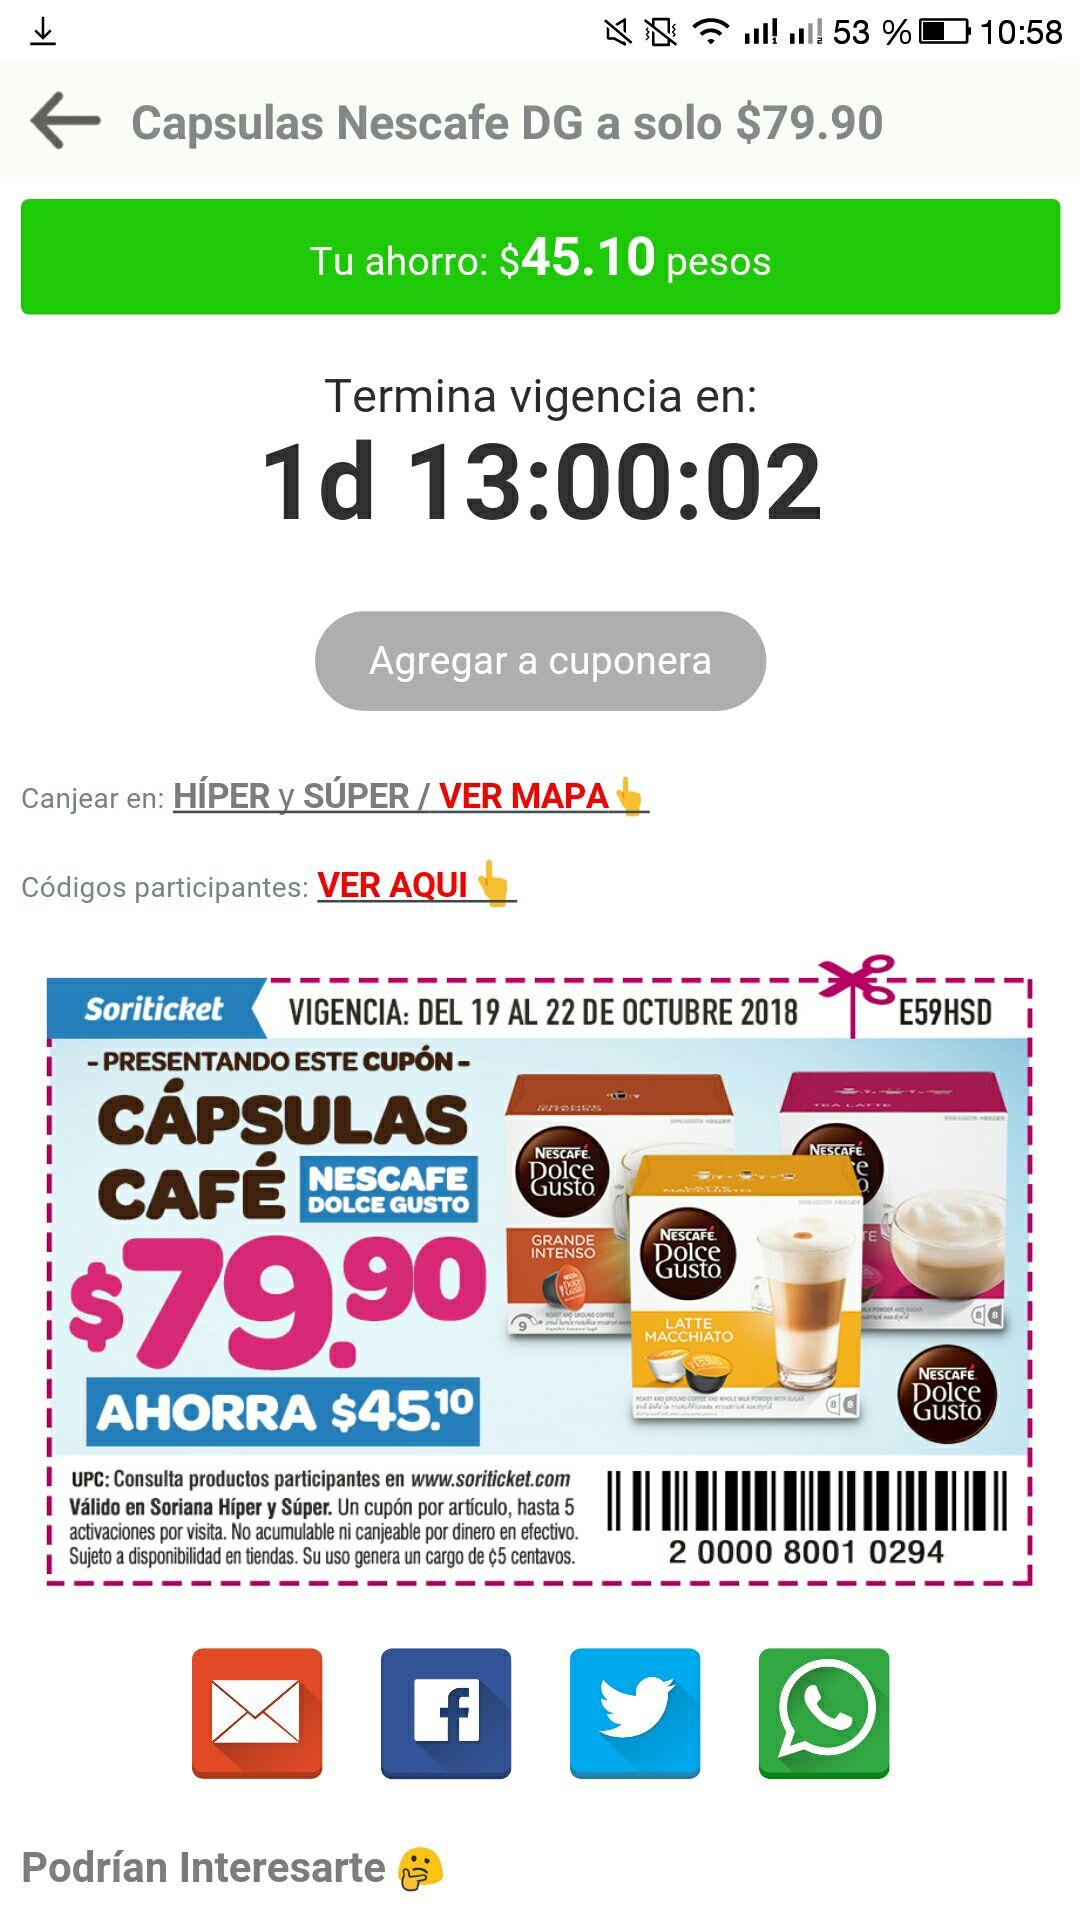 Soriana: cajas de 16 cápsulas dolce gusto a 79.90 con cupón